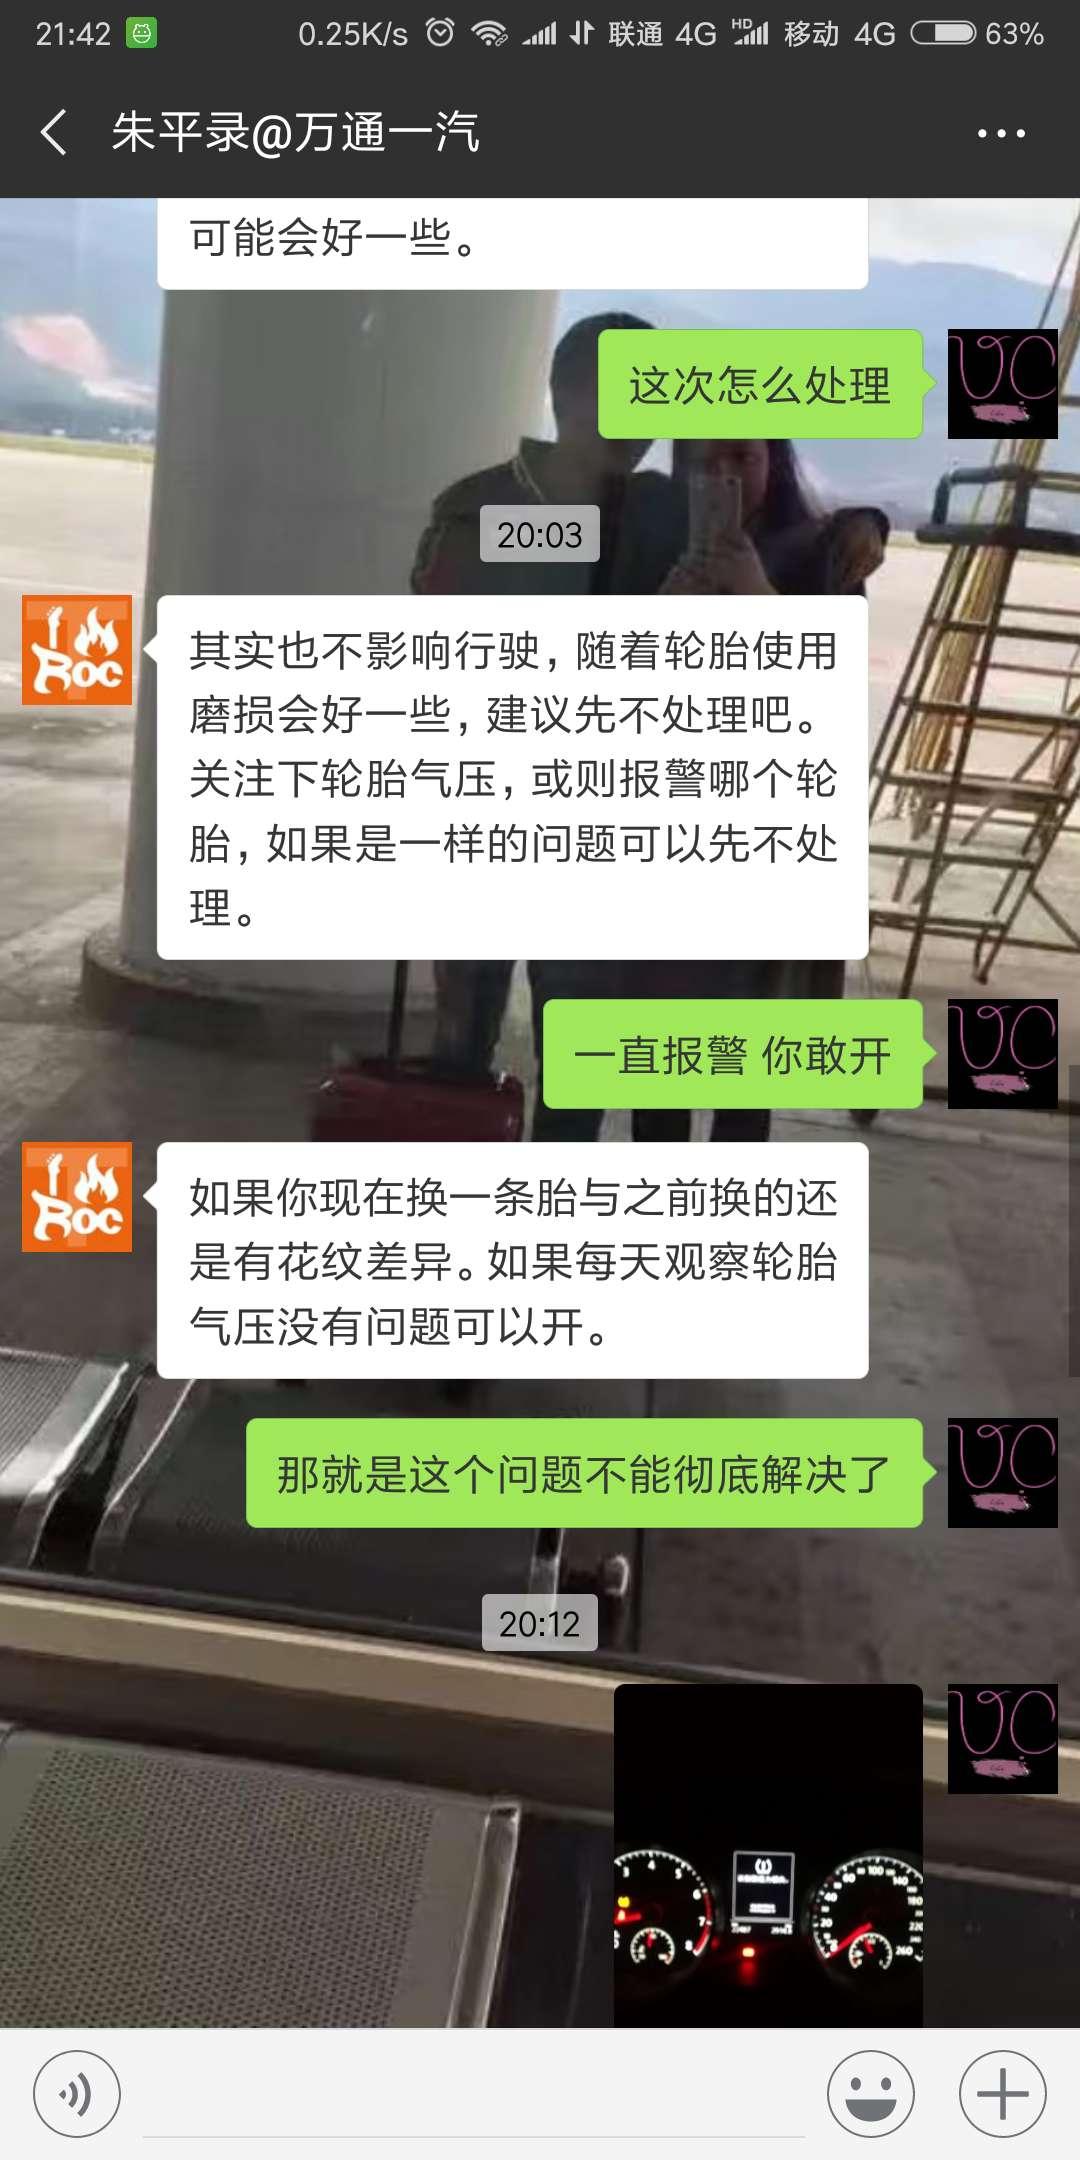 郑州万通一汽4s店,强制客户消费,欺骗用户。维修困难。